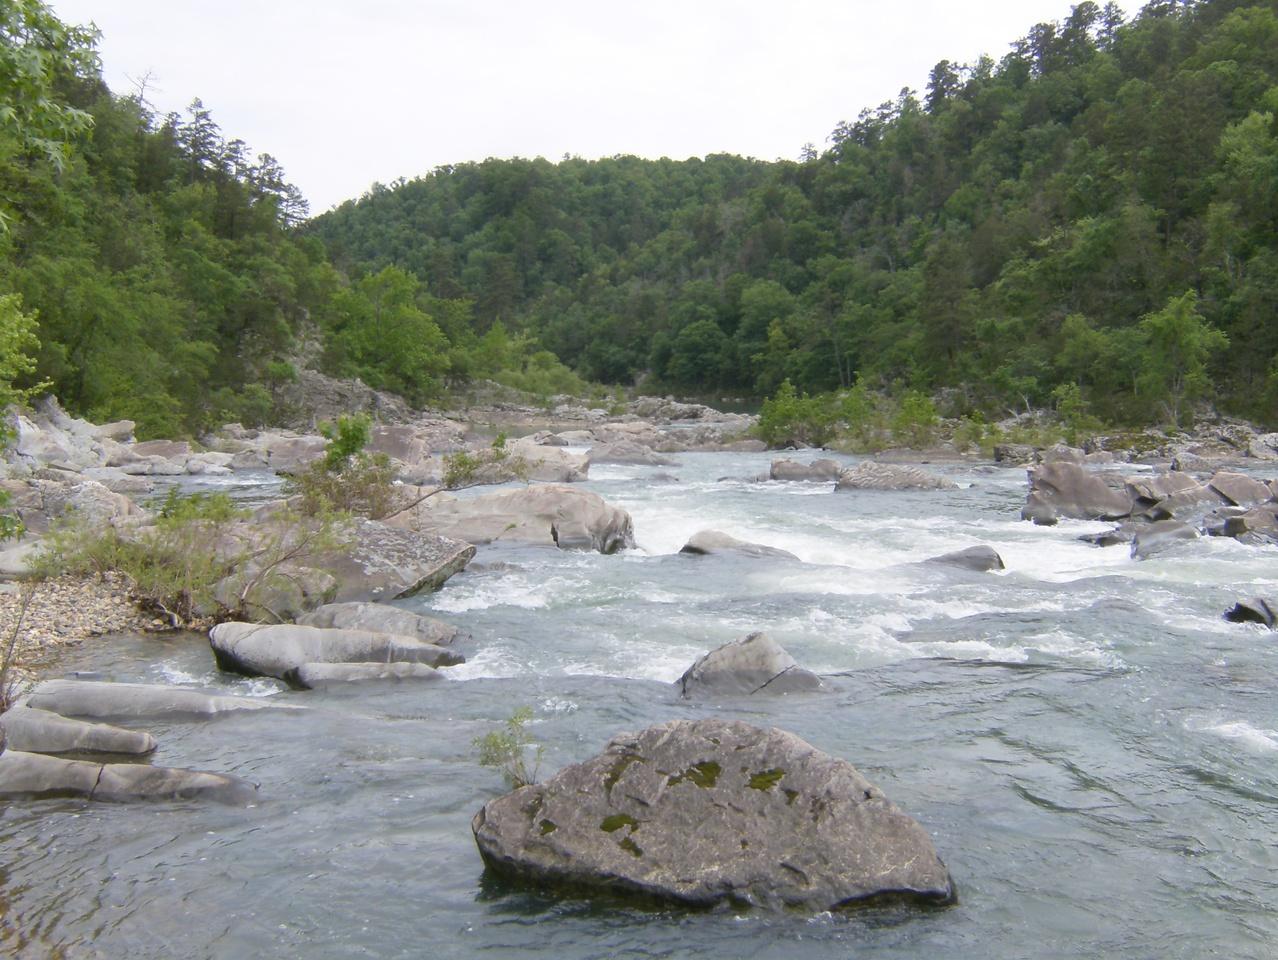 The Ozark Mountain Daredevils - It's Alive